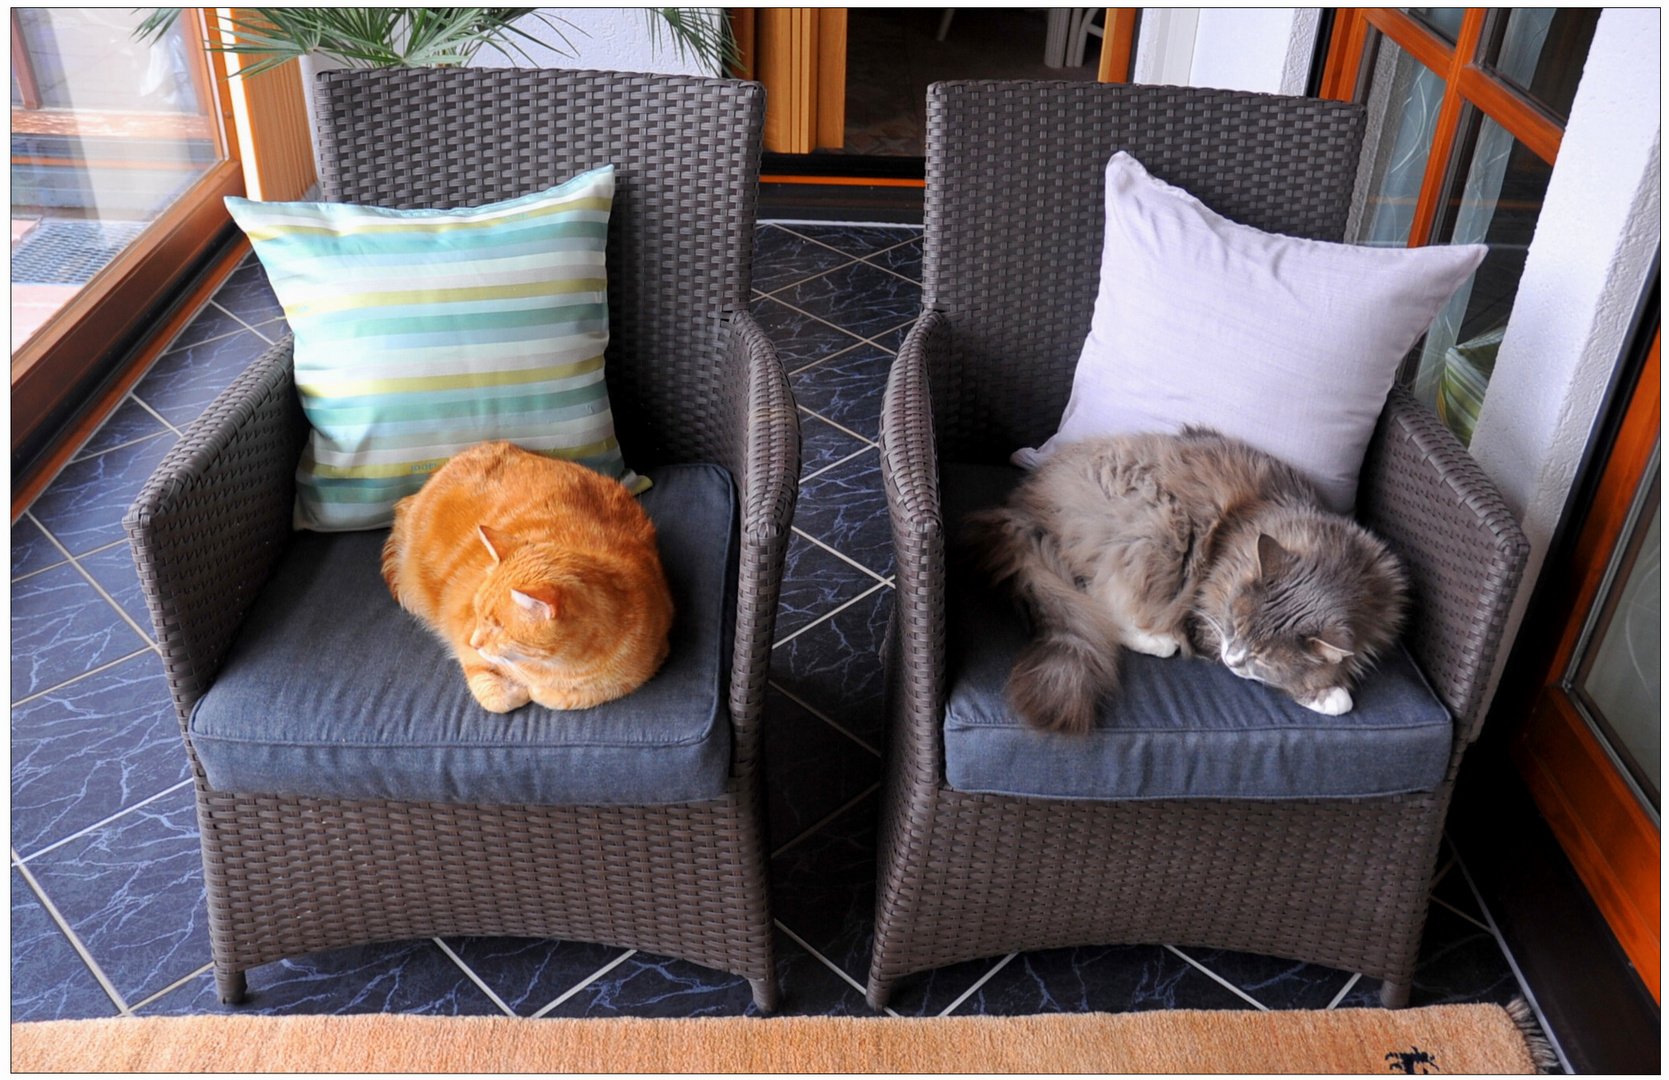 Jeder von uns zweien hat seinen Platz (cada uno de nosotros dos tiene su propio sitio)